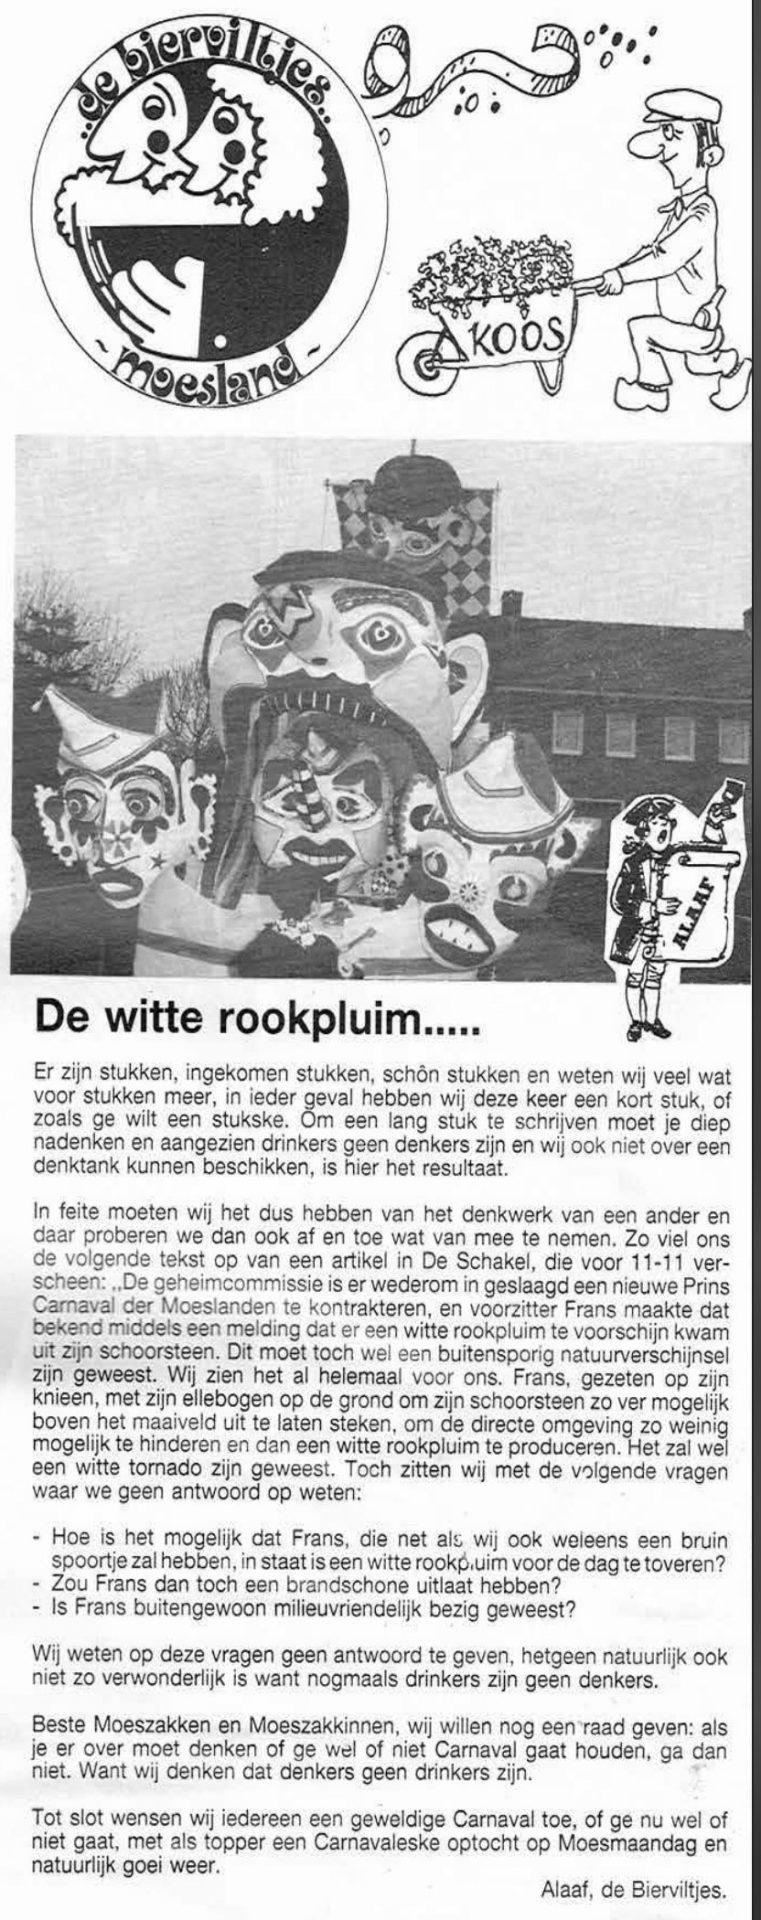 Stuk uit de carnavalskrant van de Bierviltjes - 1991